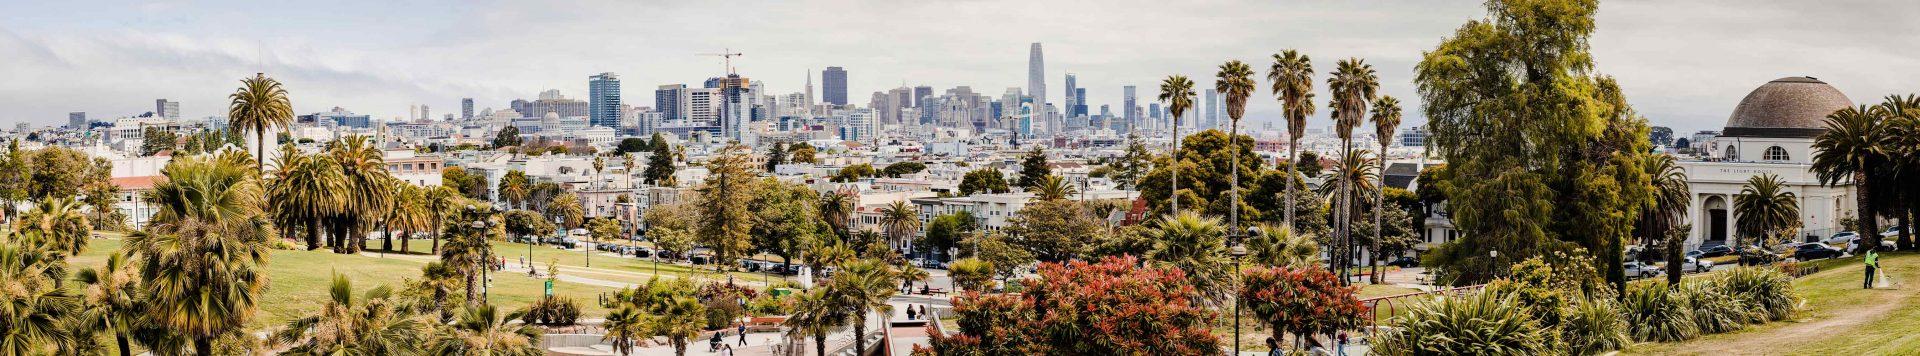 Mission Dolores Park - San Francisco